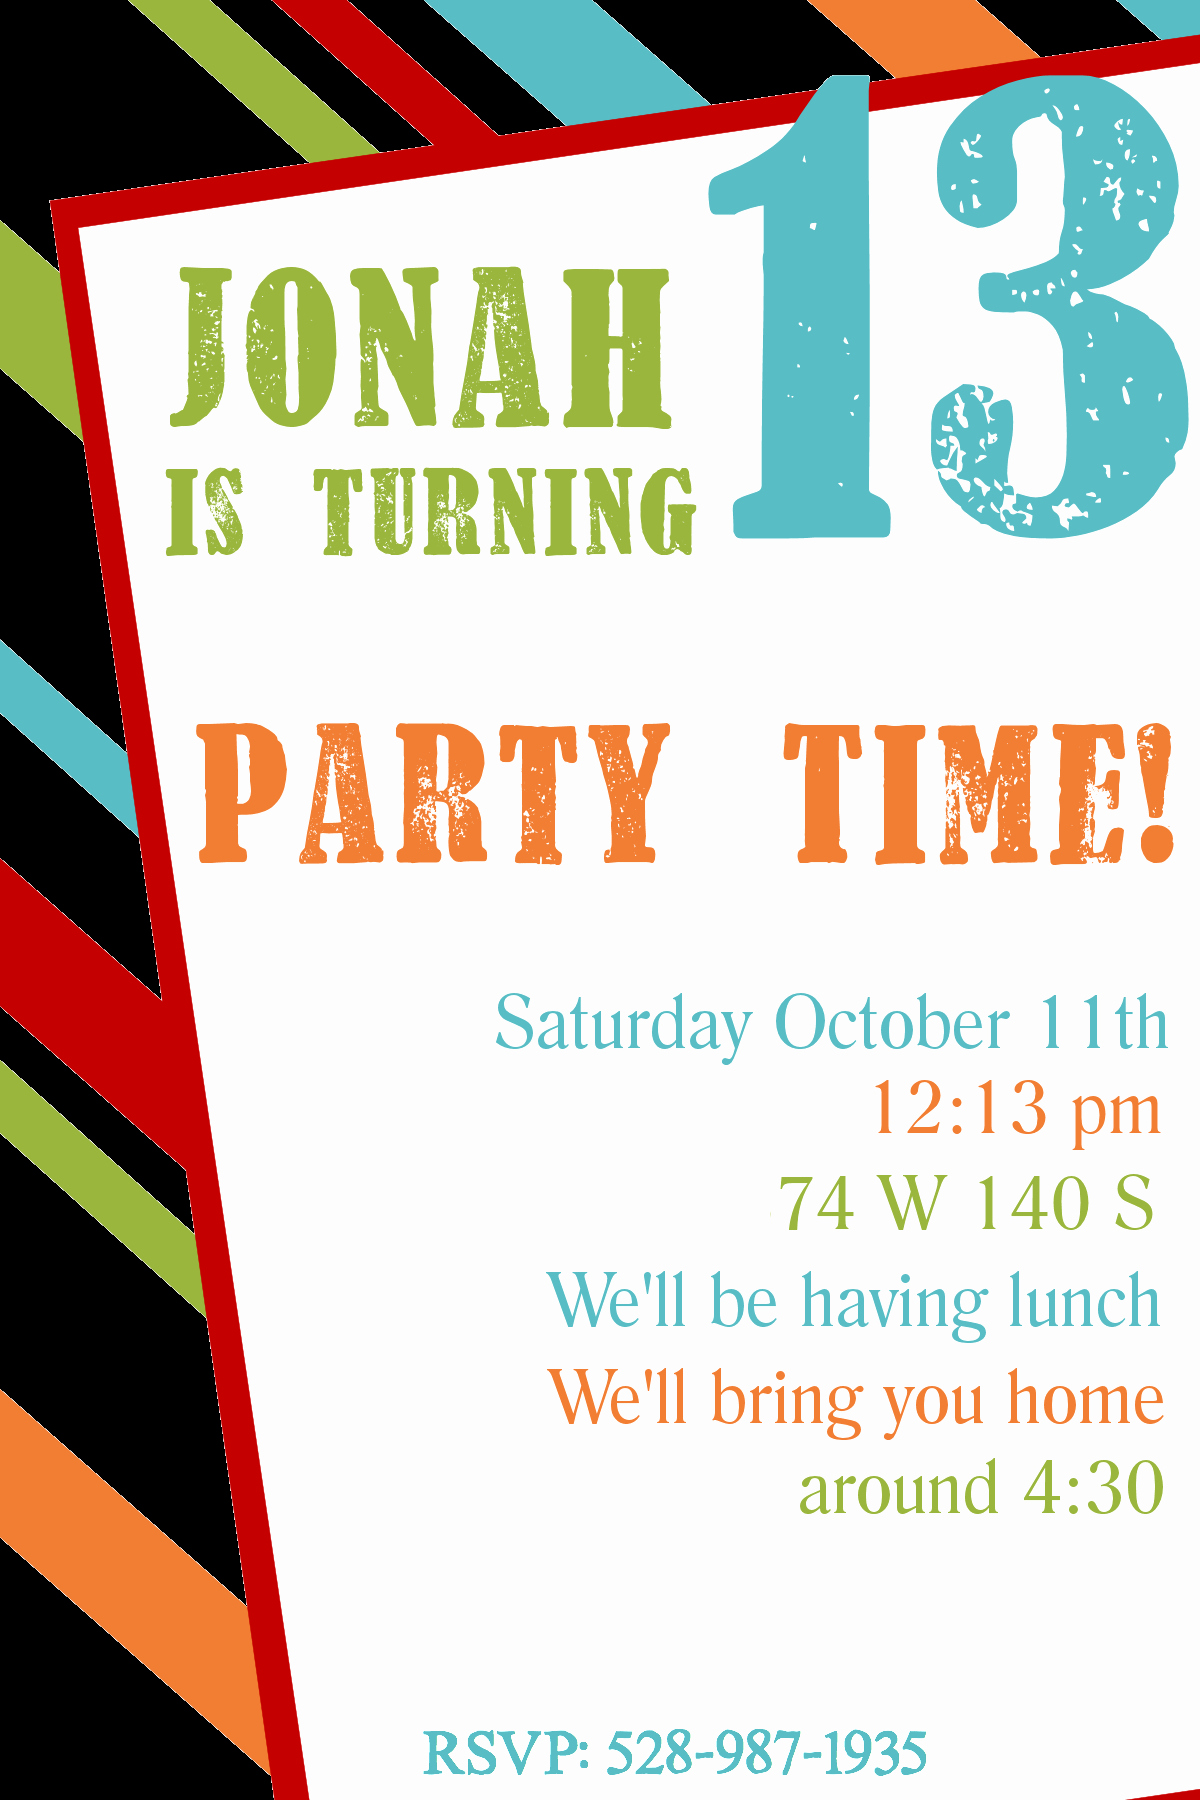 Free Templates for Birthday Invitations Unique Free Printable Birthday Invitation Templates